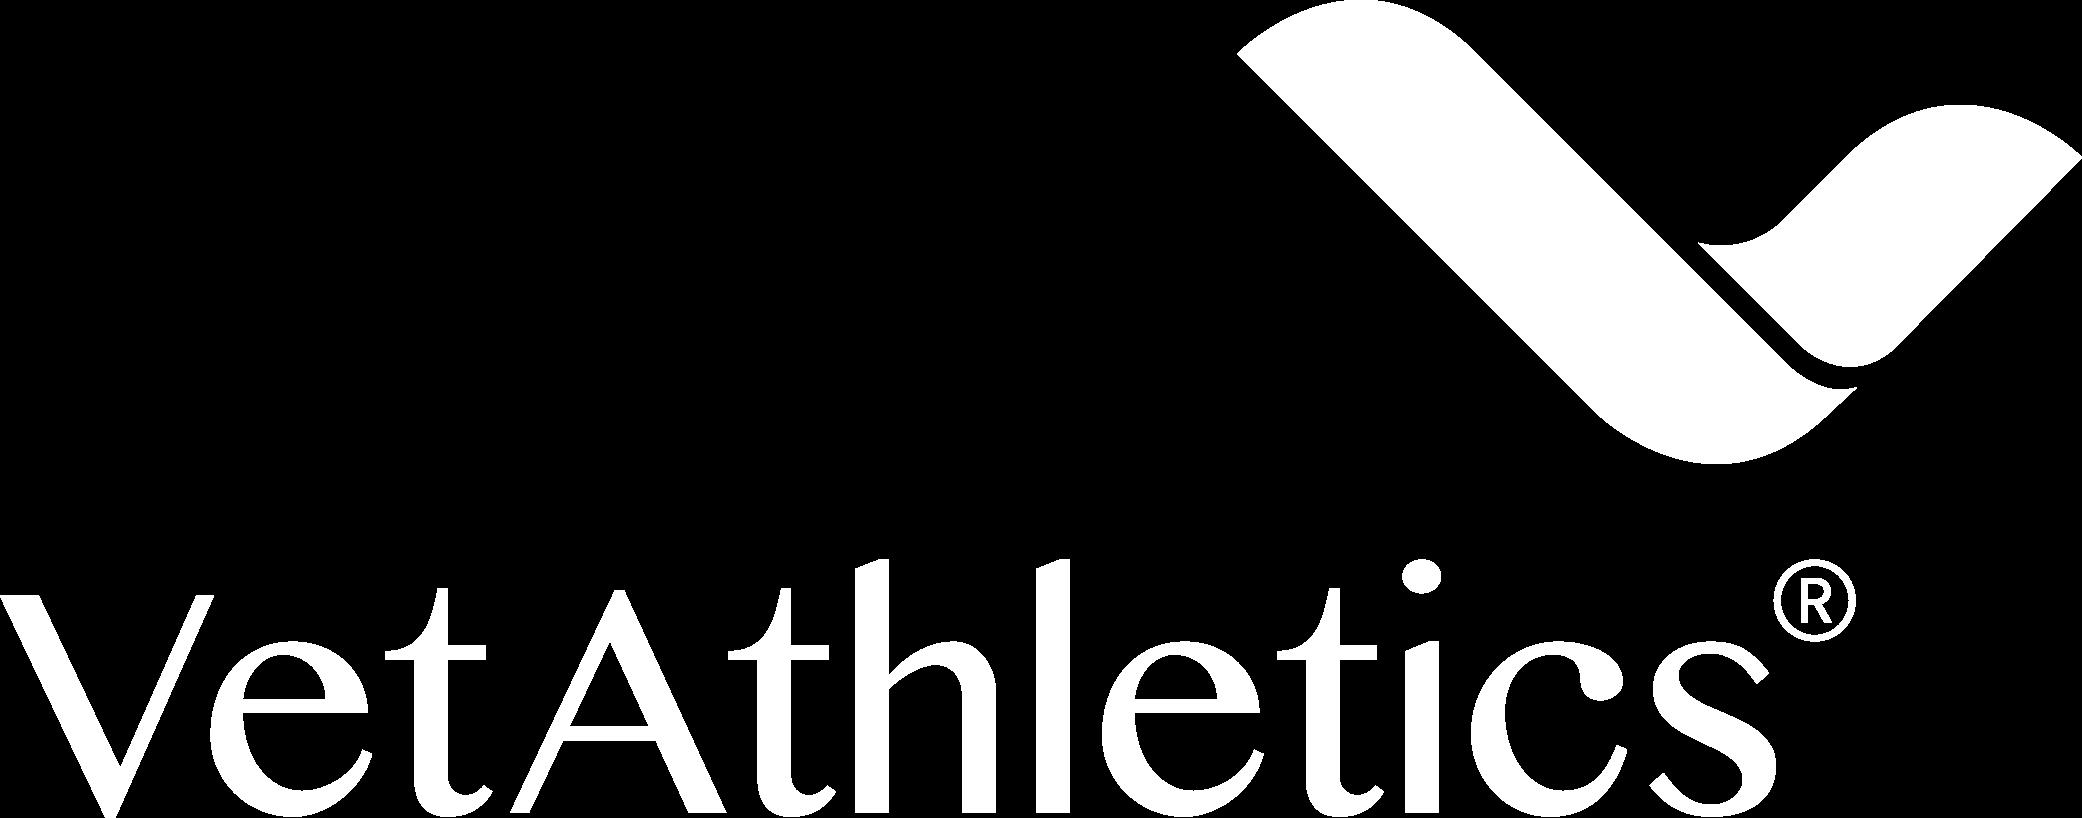 VetAthletics Logo (R) 1C Negativ Weiß OFFICE (quer).png